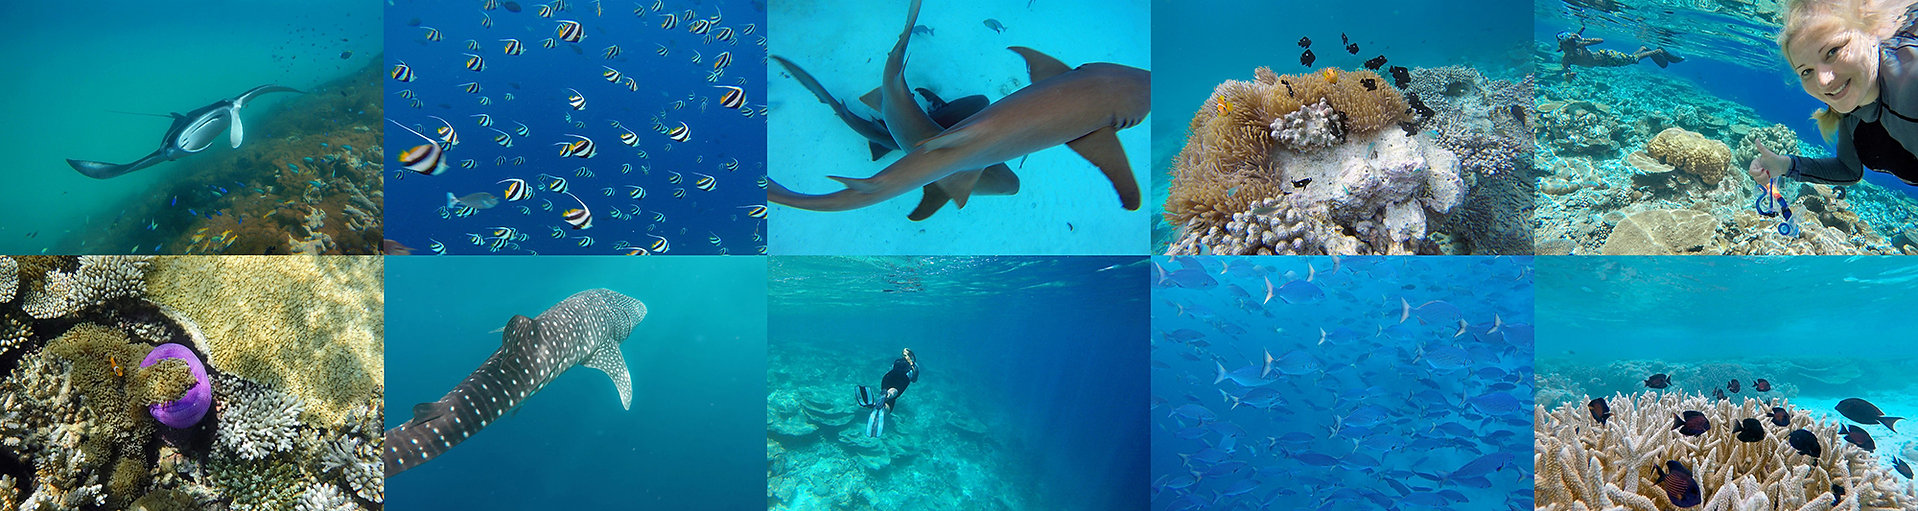 Maledivy, volené potápění - Freediving